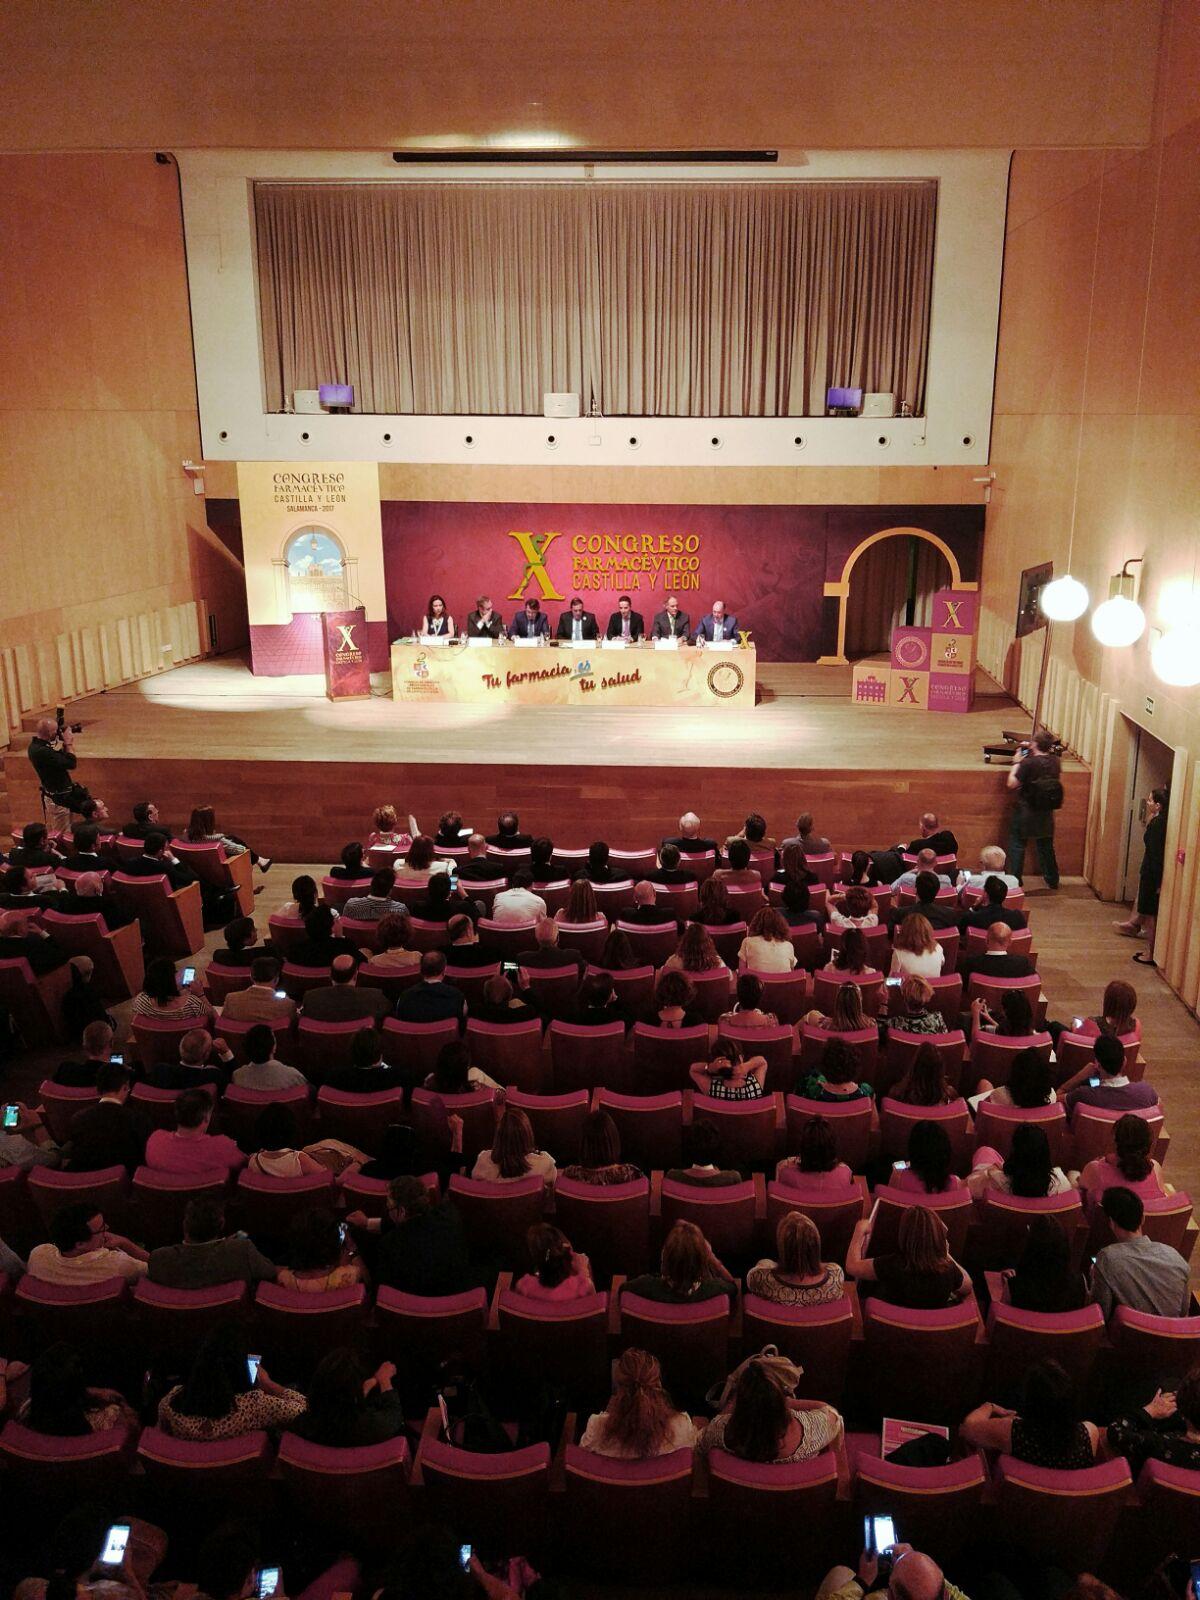 El vicerrector de Investigación y Transferencia asiste a la inauguración del X Congreso Farmacéutico de Castilla y León en la Hospedería Fonseca